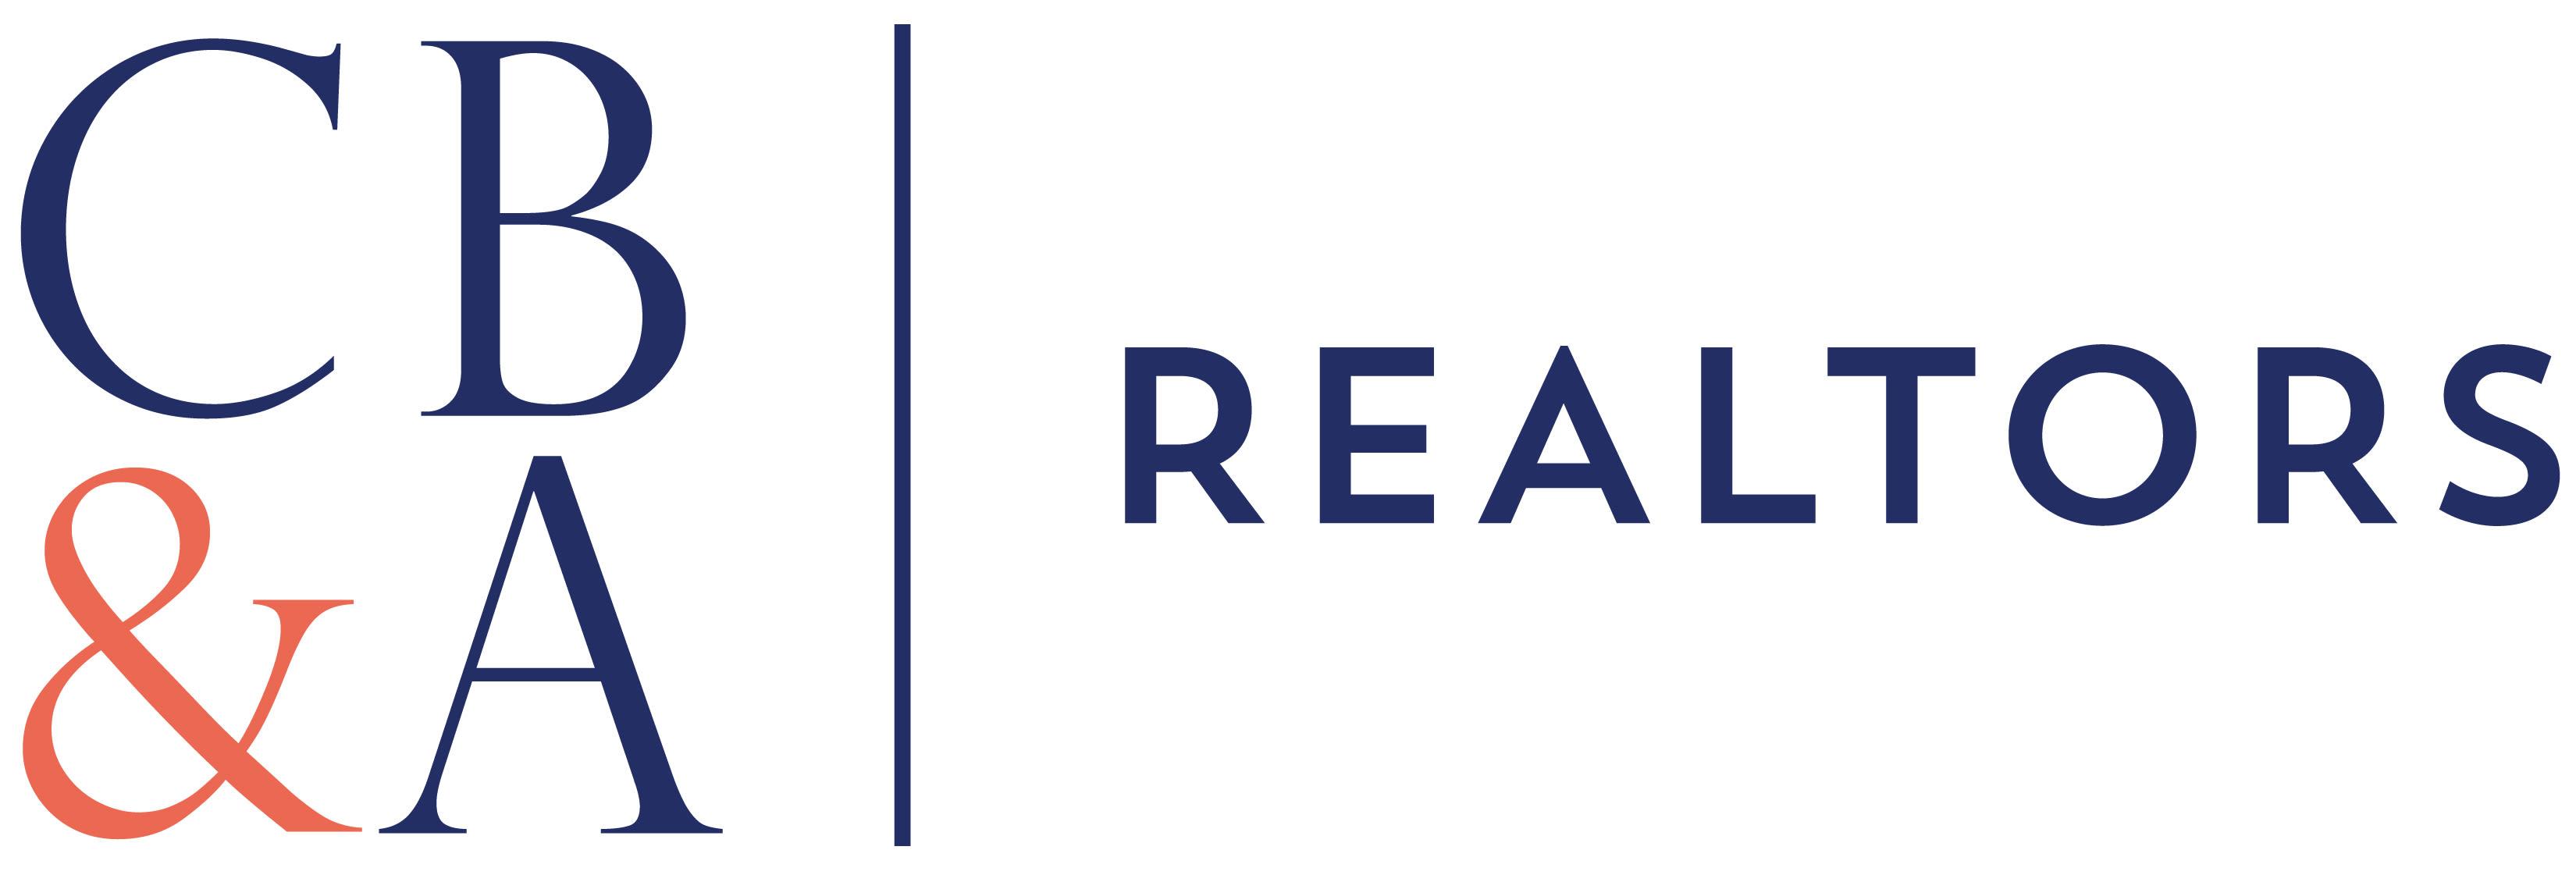 CB&A, Realtors